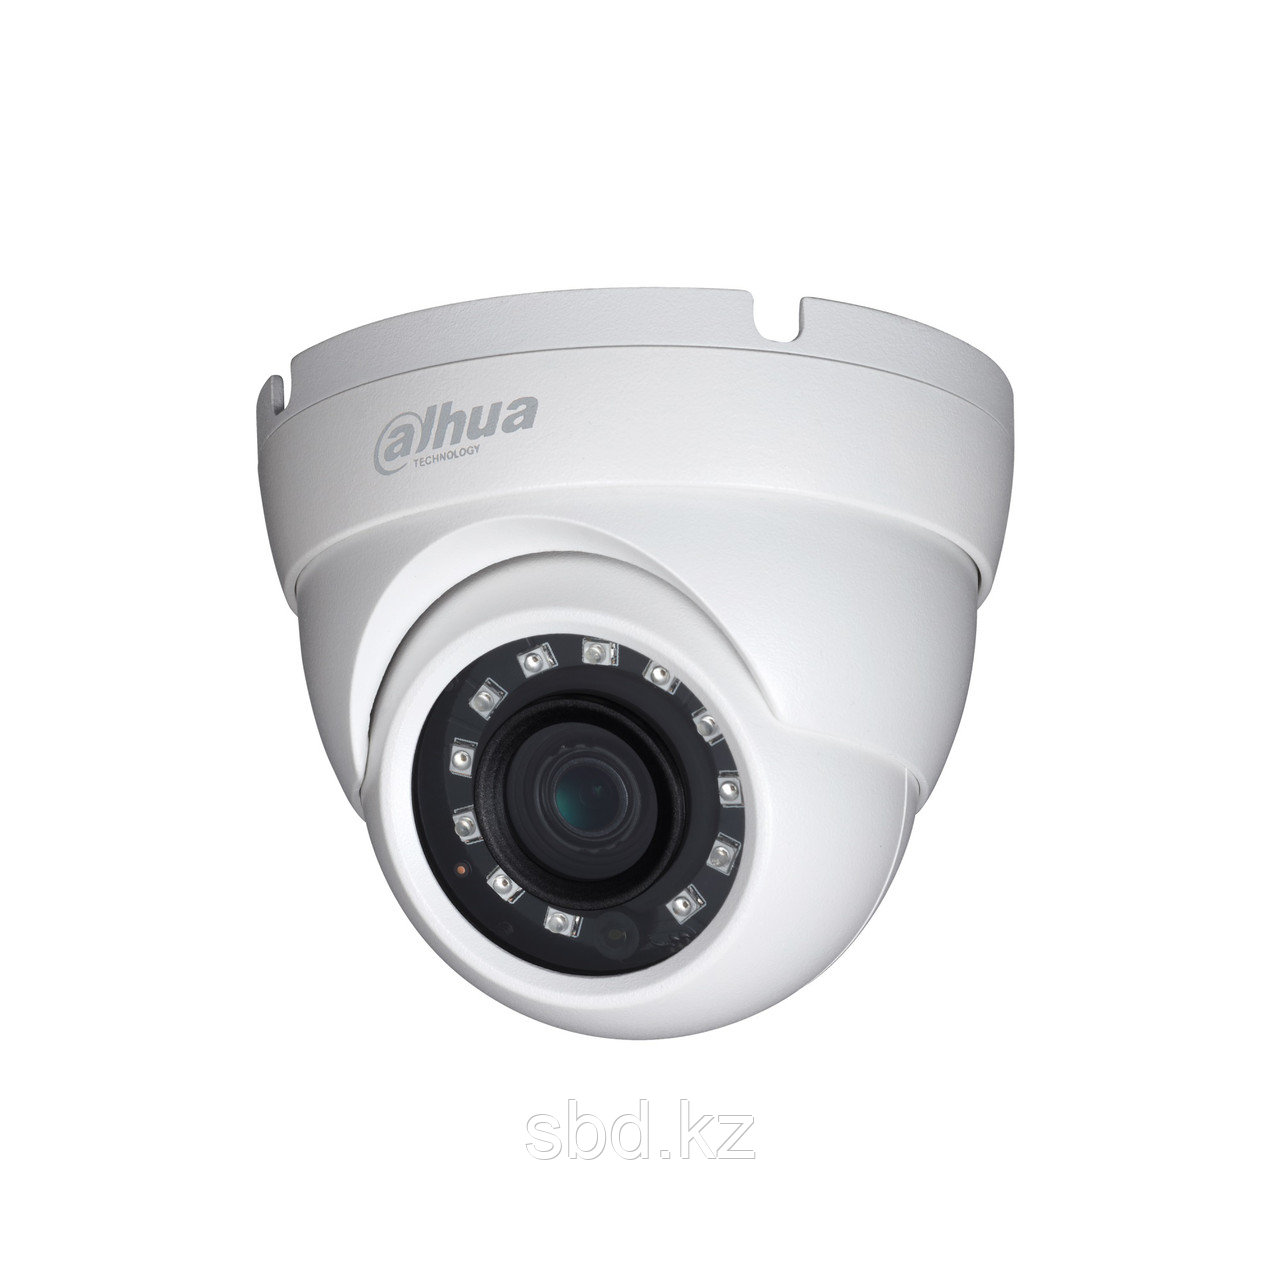 Камера видеонаблюдения внутренняя HAC-HDW2401MP Dahua Technology